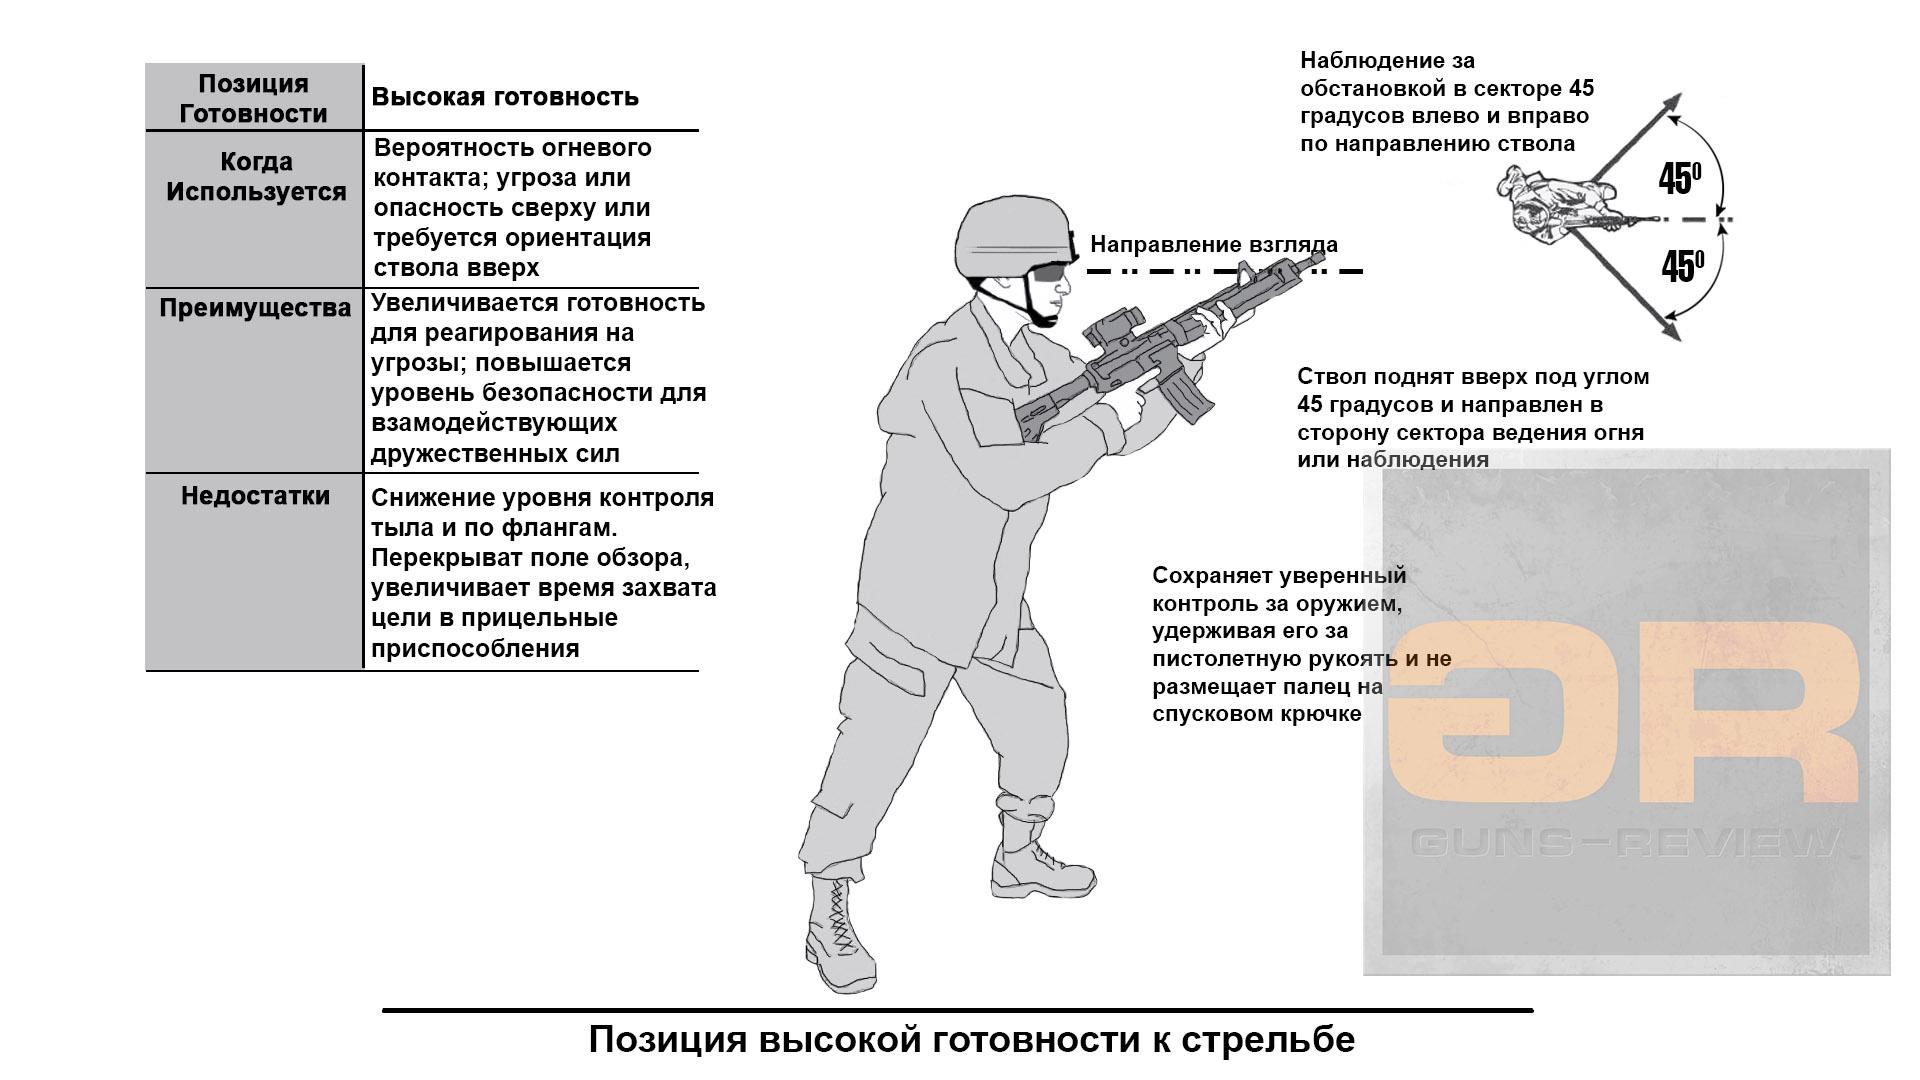 Shooting Position - High Ready; Позиции готовности к стрельбе - Высокая готовность